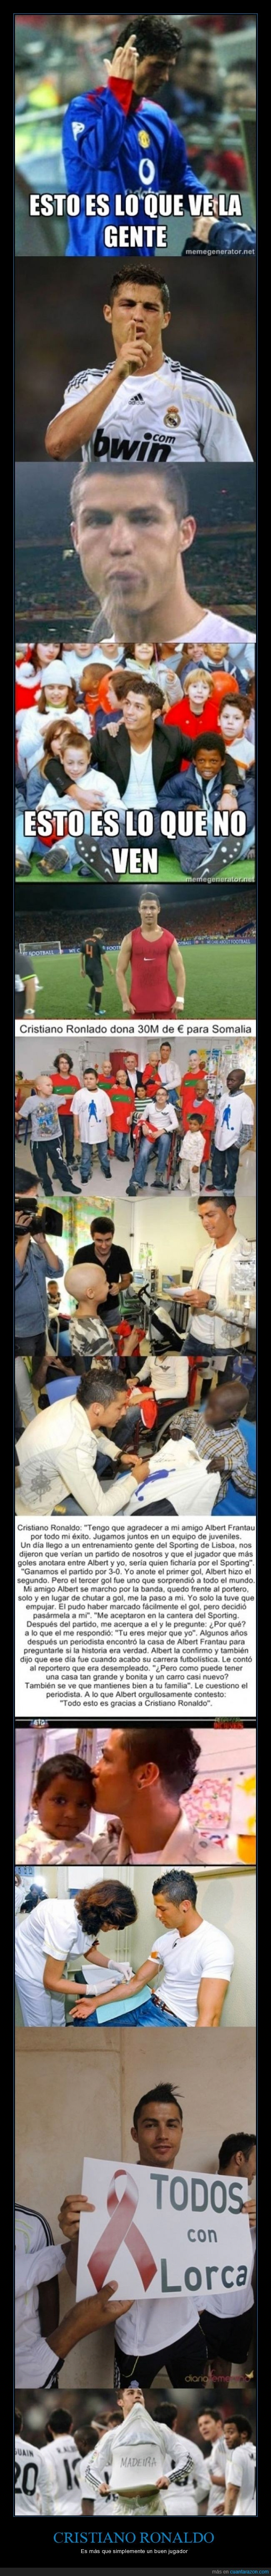 CR7,Cristiano Ronaldo,dinero,donar,Fútbol,Mejor del Mundo,Ronaldo,solidaridad,solidario